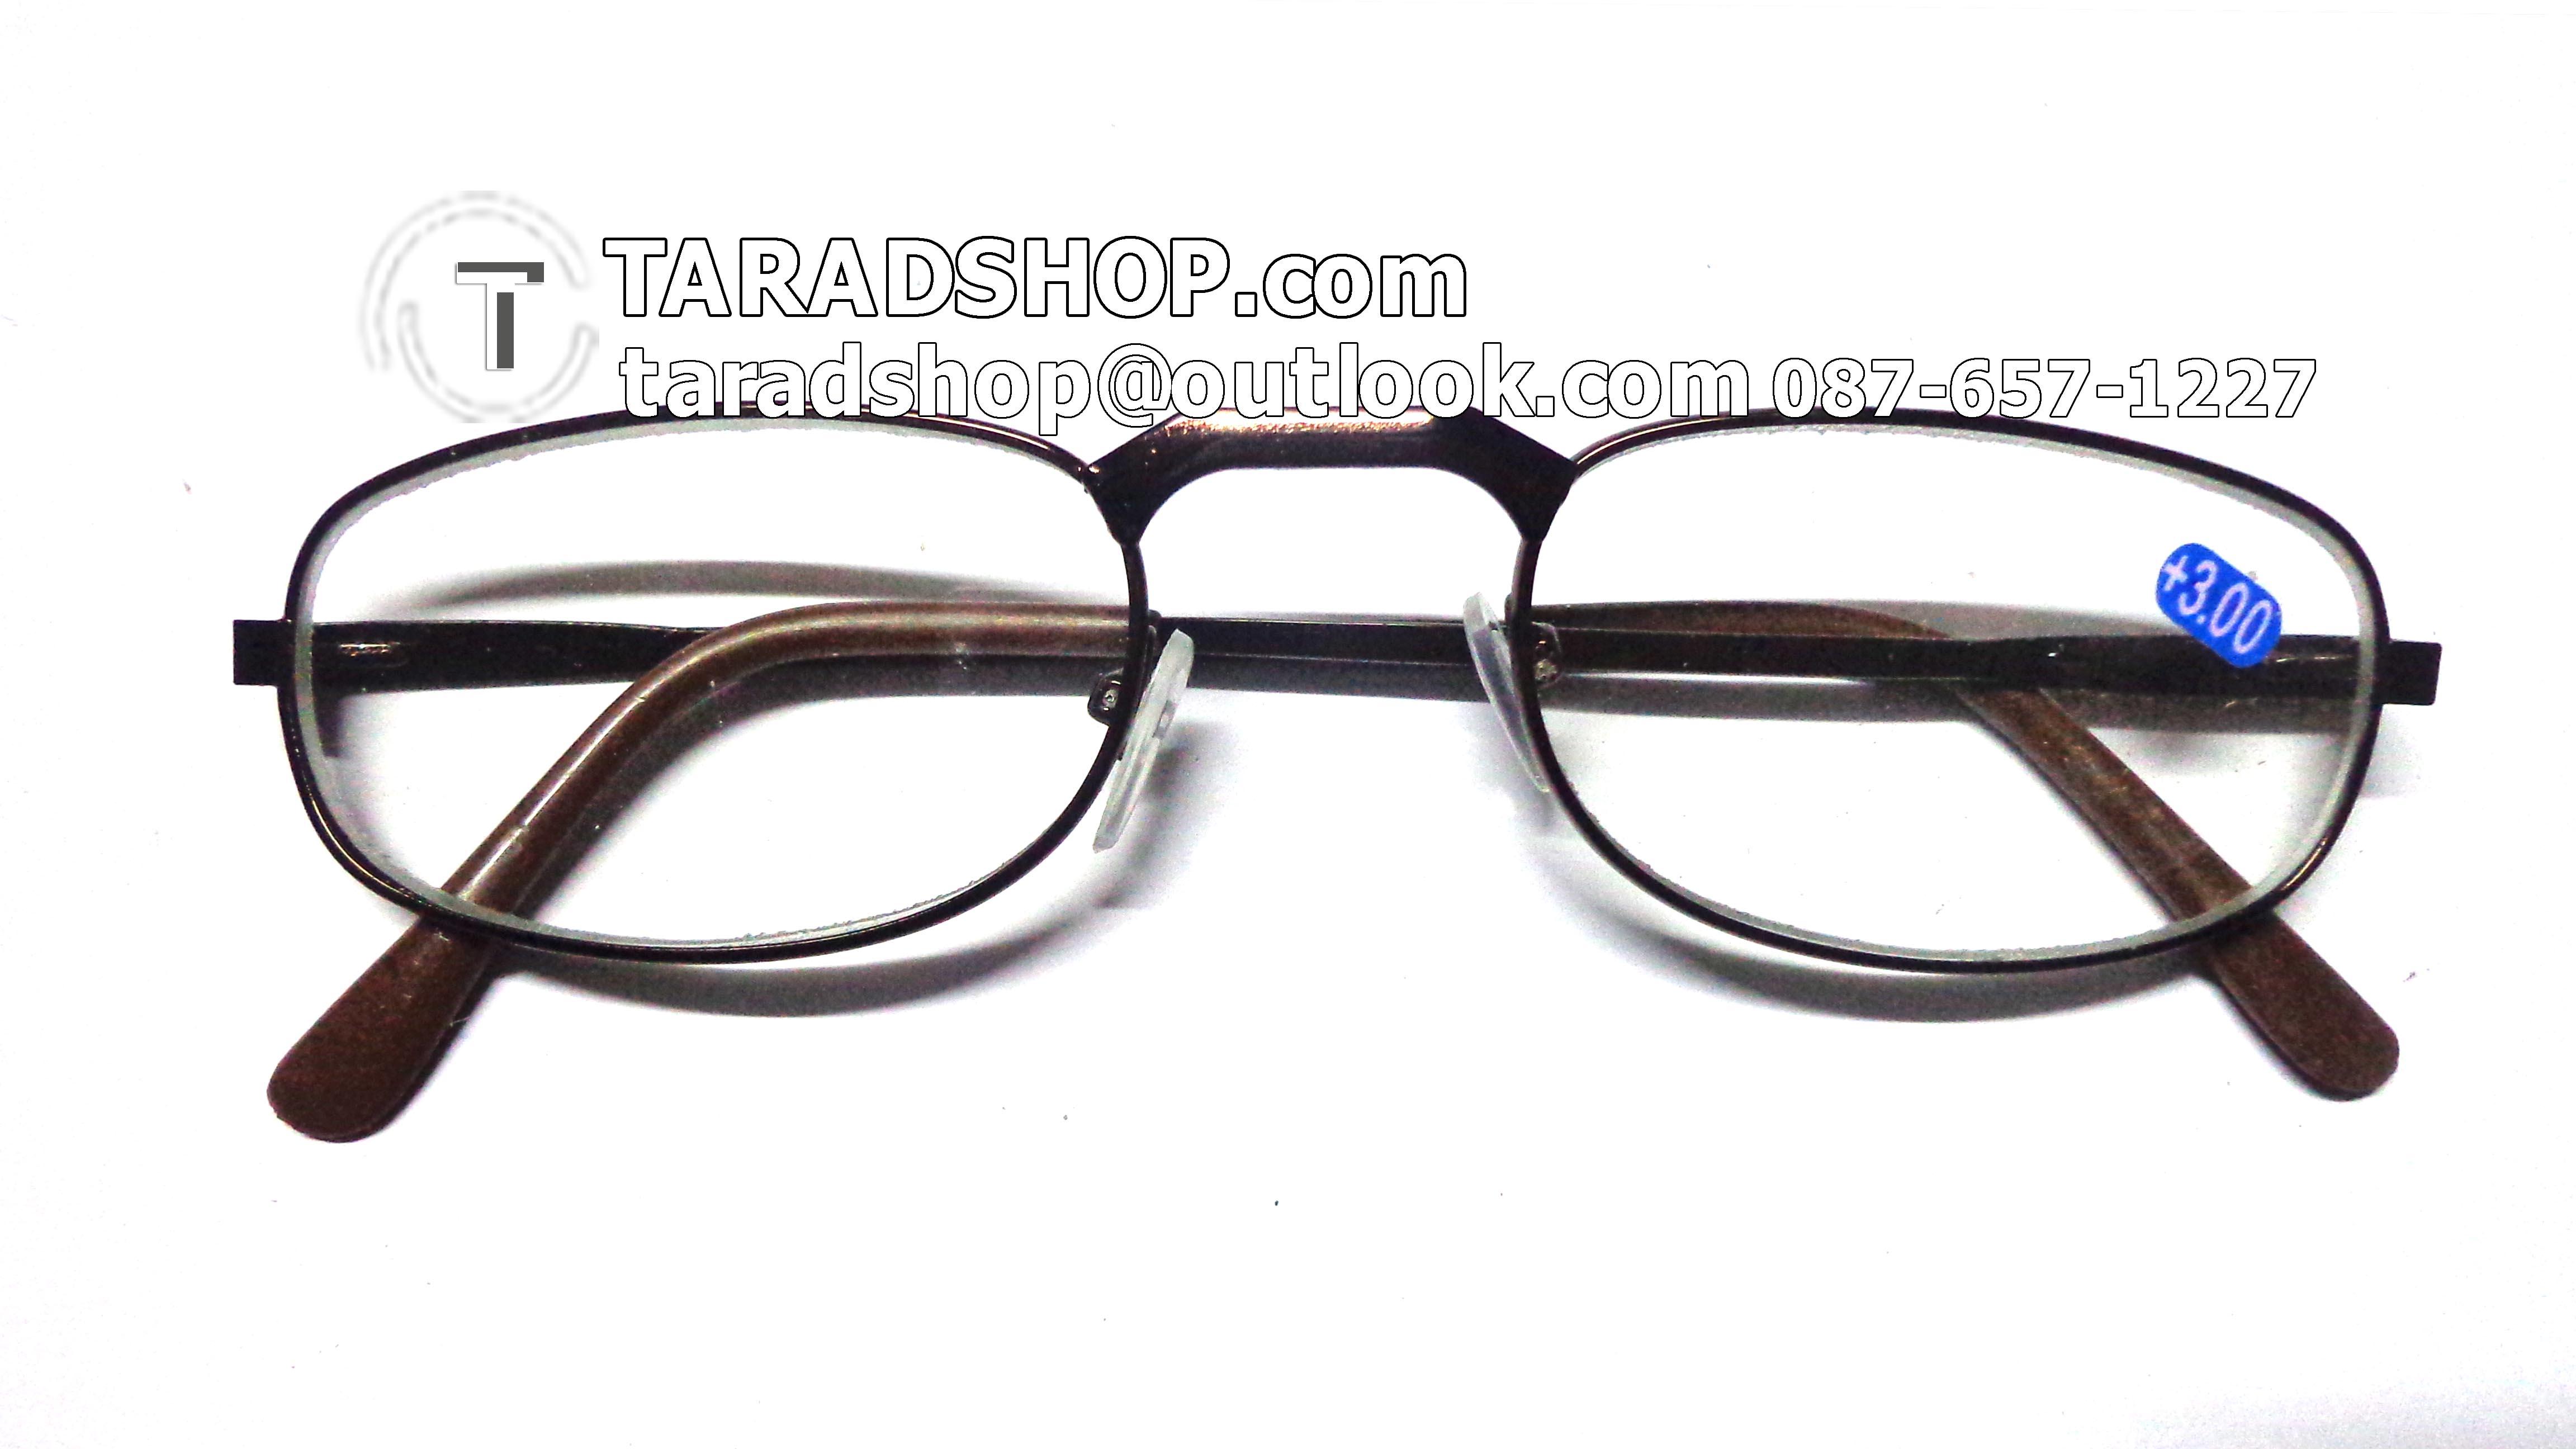 แว่นสายตา ยาว +3.00D ( สีเลนส์ กระจกใส ) สีกรอบ น้ำตาล) ขา สแตนเลส